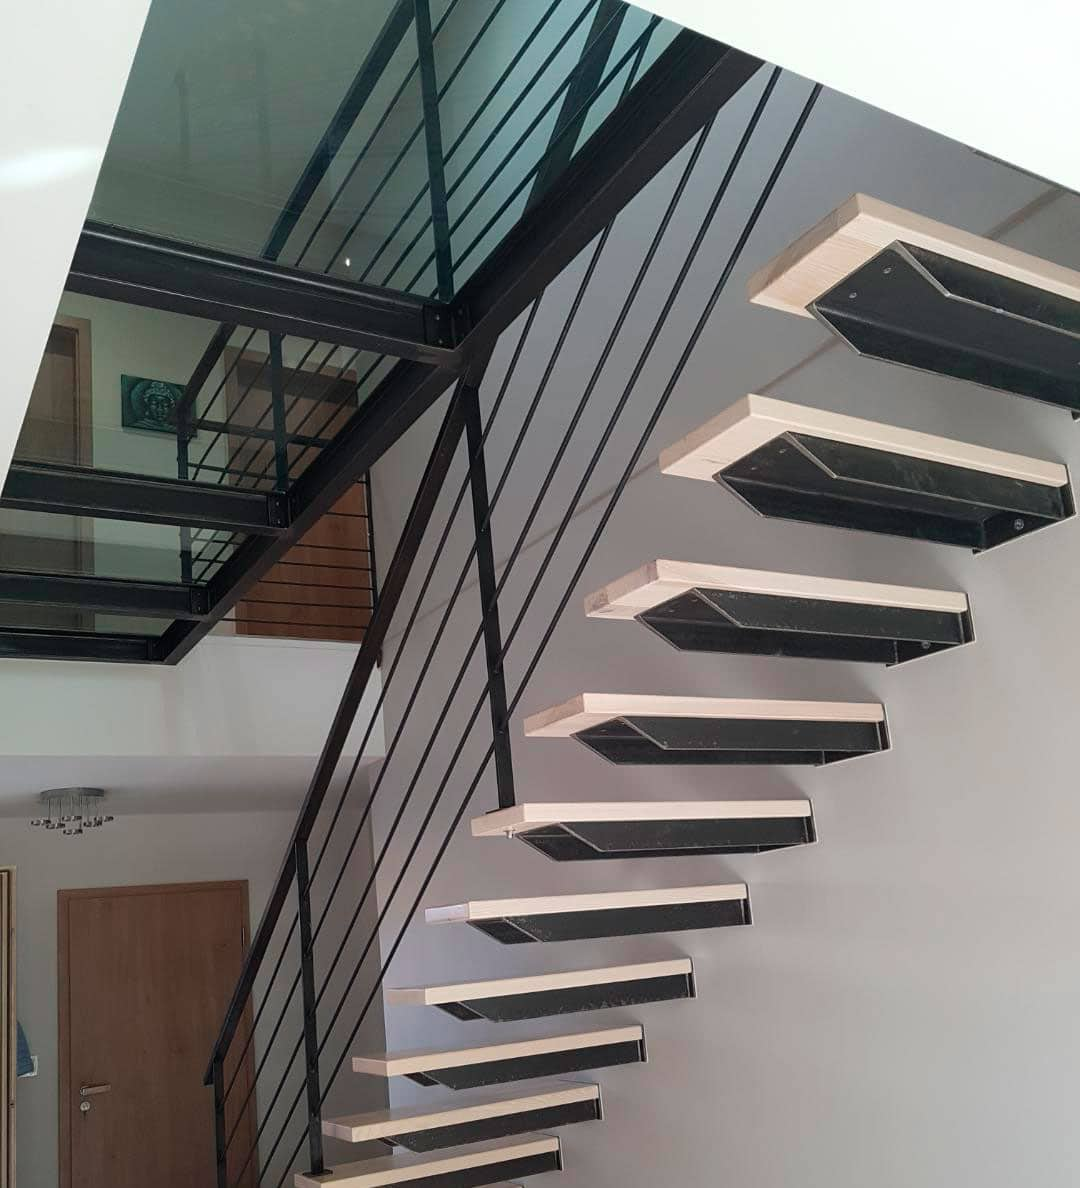 Escalier fer bois autoportant, garde corps acier et pallier verre